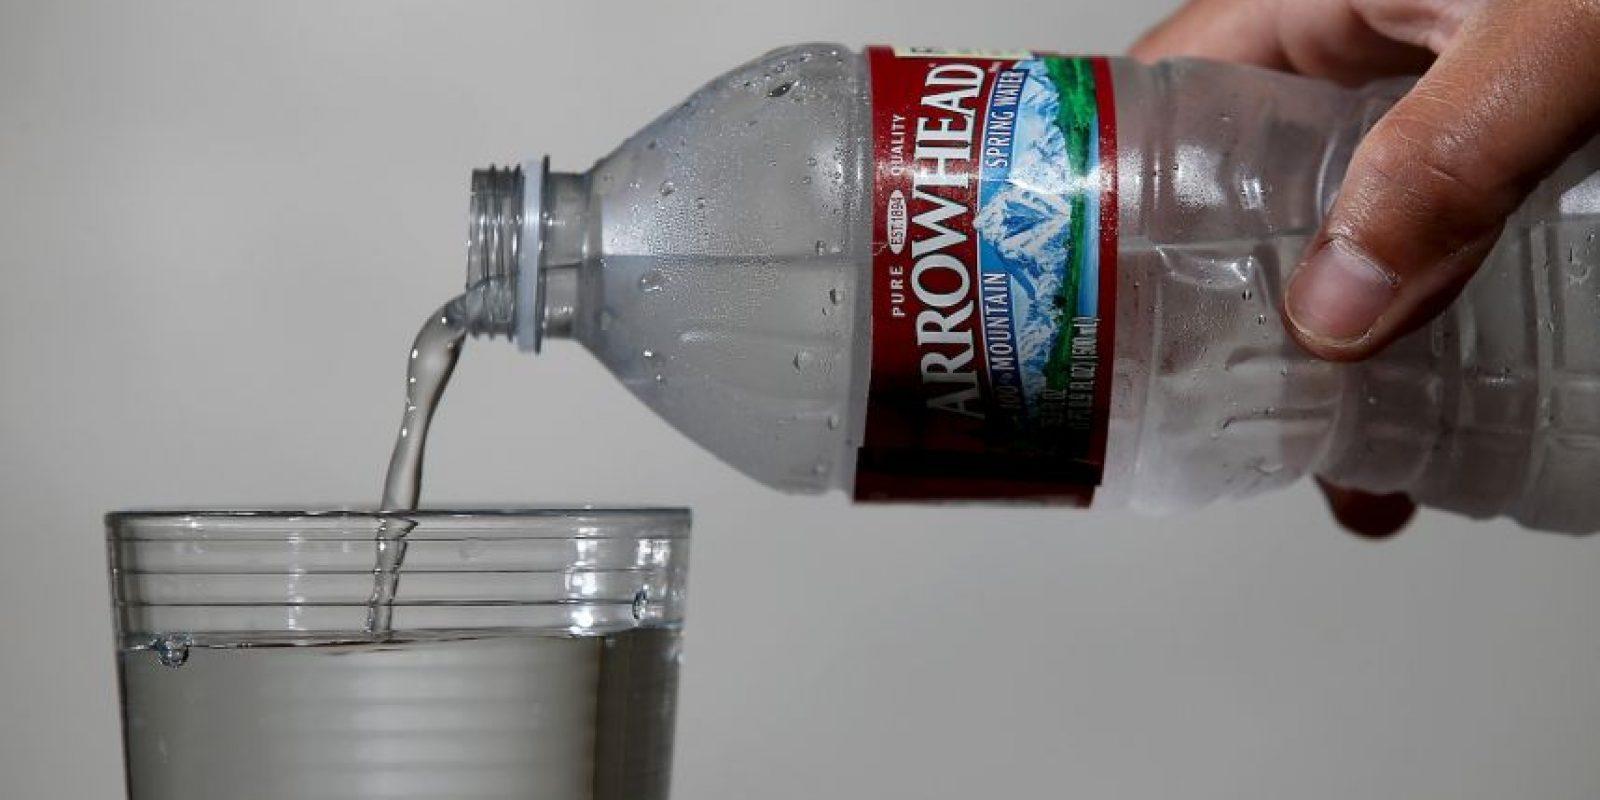 Costa Rica es el país más caro: 2.35 dólares por botella. Foto:Getty Images